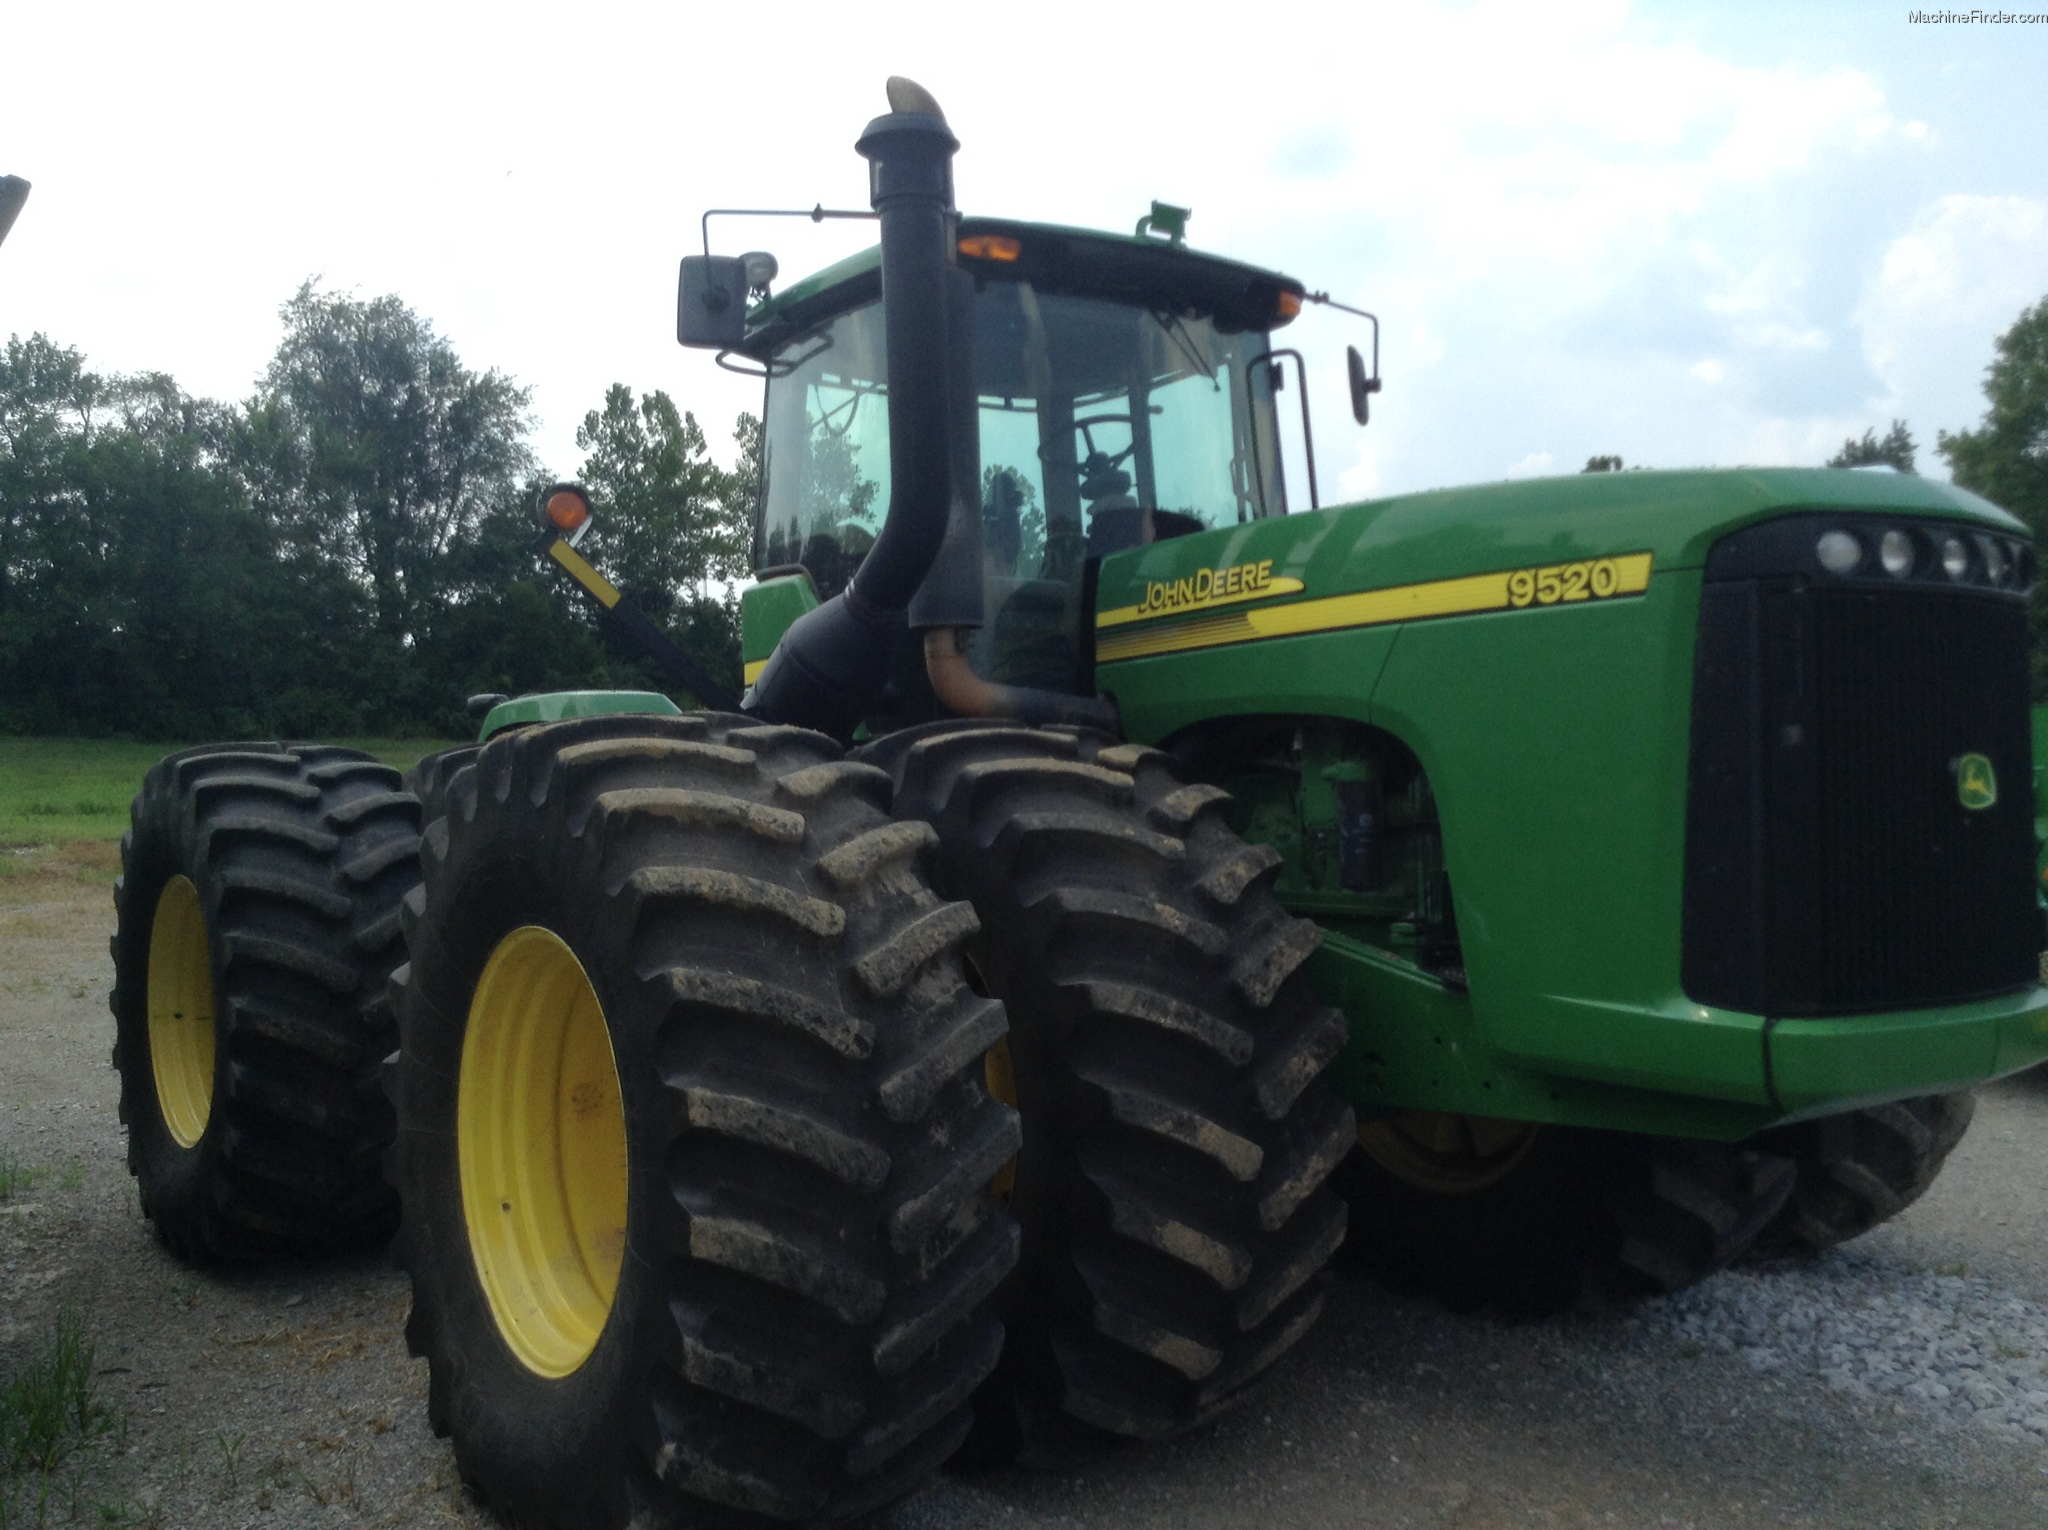 2007 John Deere 9520 Tractors - Articulated 4WD - John ...